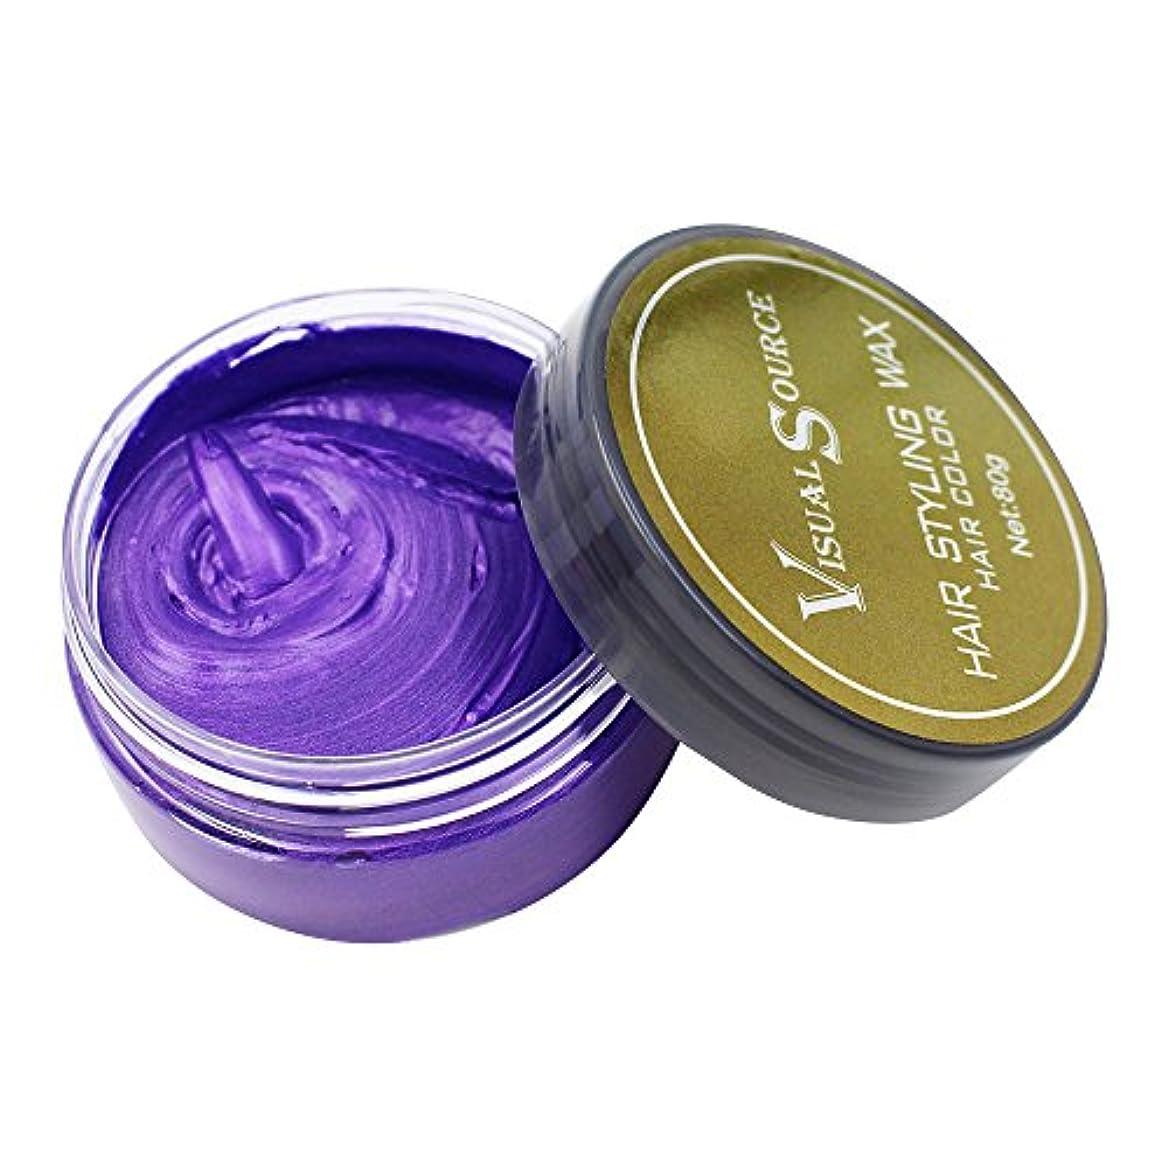 罹患率メンタルパキスタンVISUAL SOURCE [ビジュアルソース] ヘアワックス ストレート ヘア用 シルバー?アッシュ シャンプーで色付き 整髪料 80g (パープル)